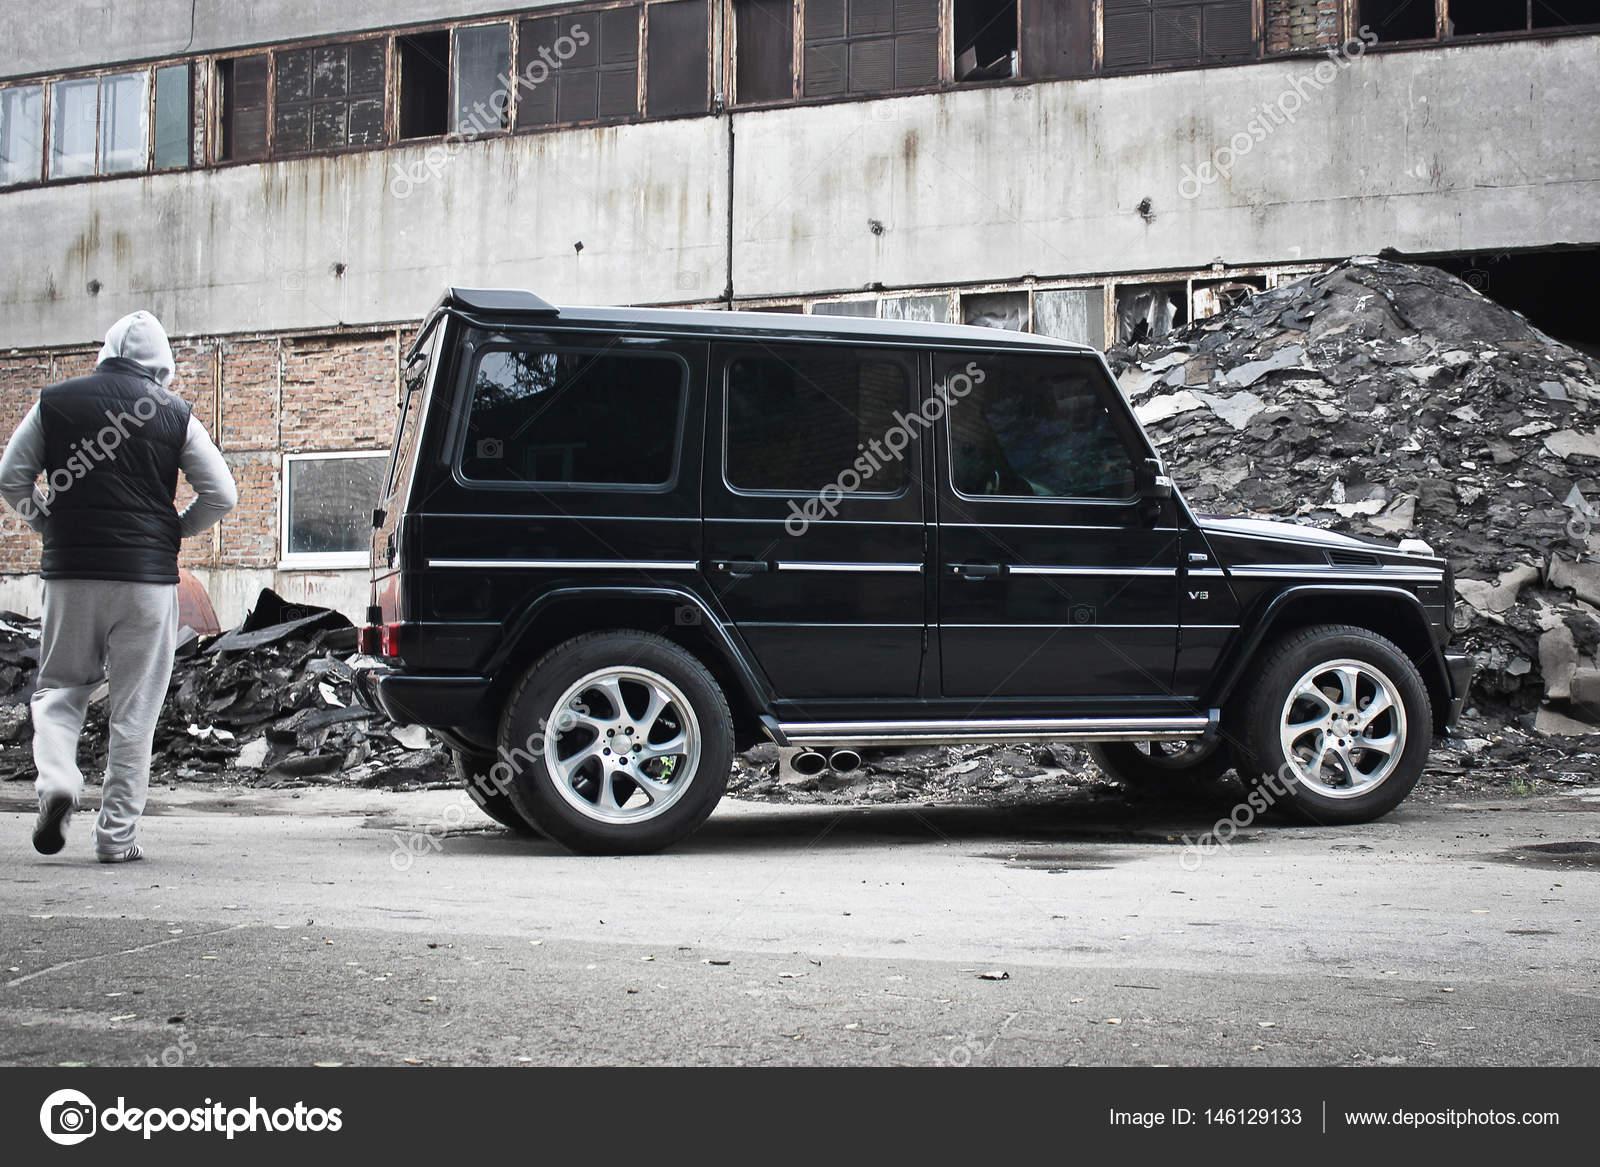 Mercedes Benz G55 Amg. Carro Off Road Brutal Em Um Fundo De Ruínas De  Construções U2014 Foto De Amor7